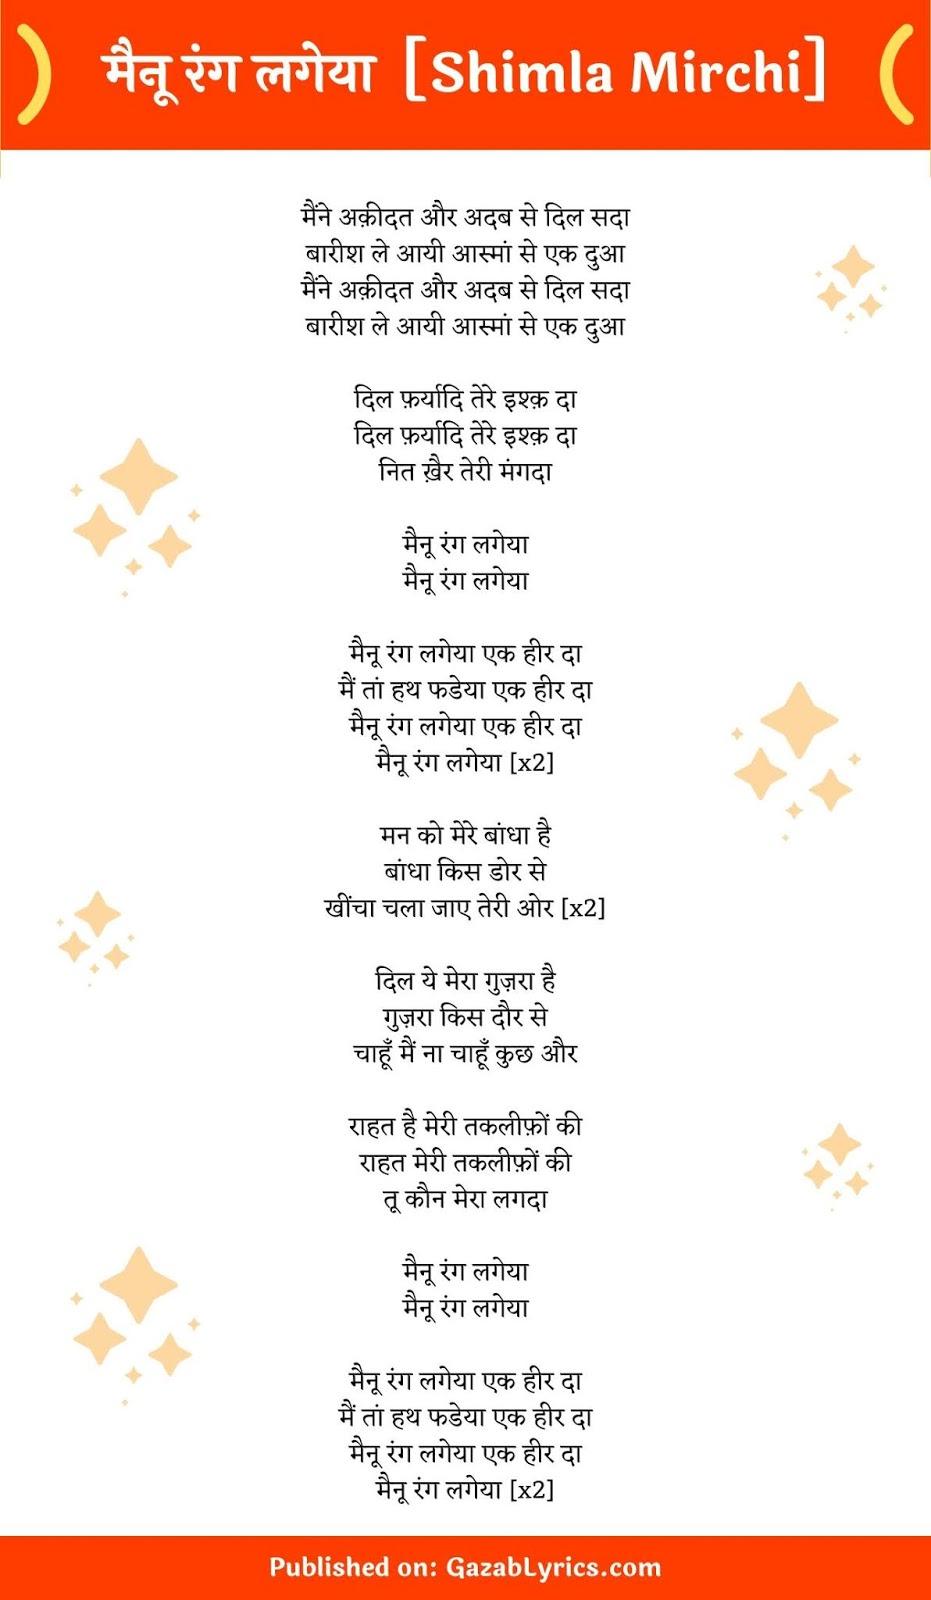 Mainu Rang Lageya song lyrics image